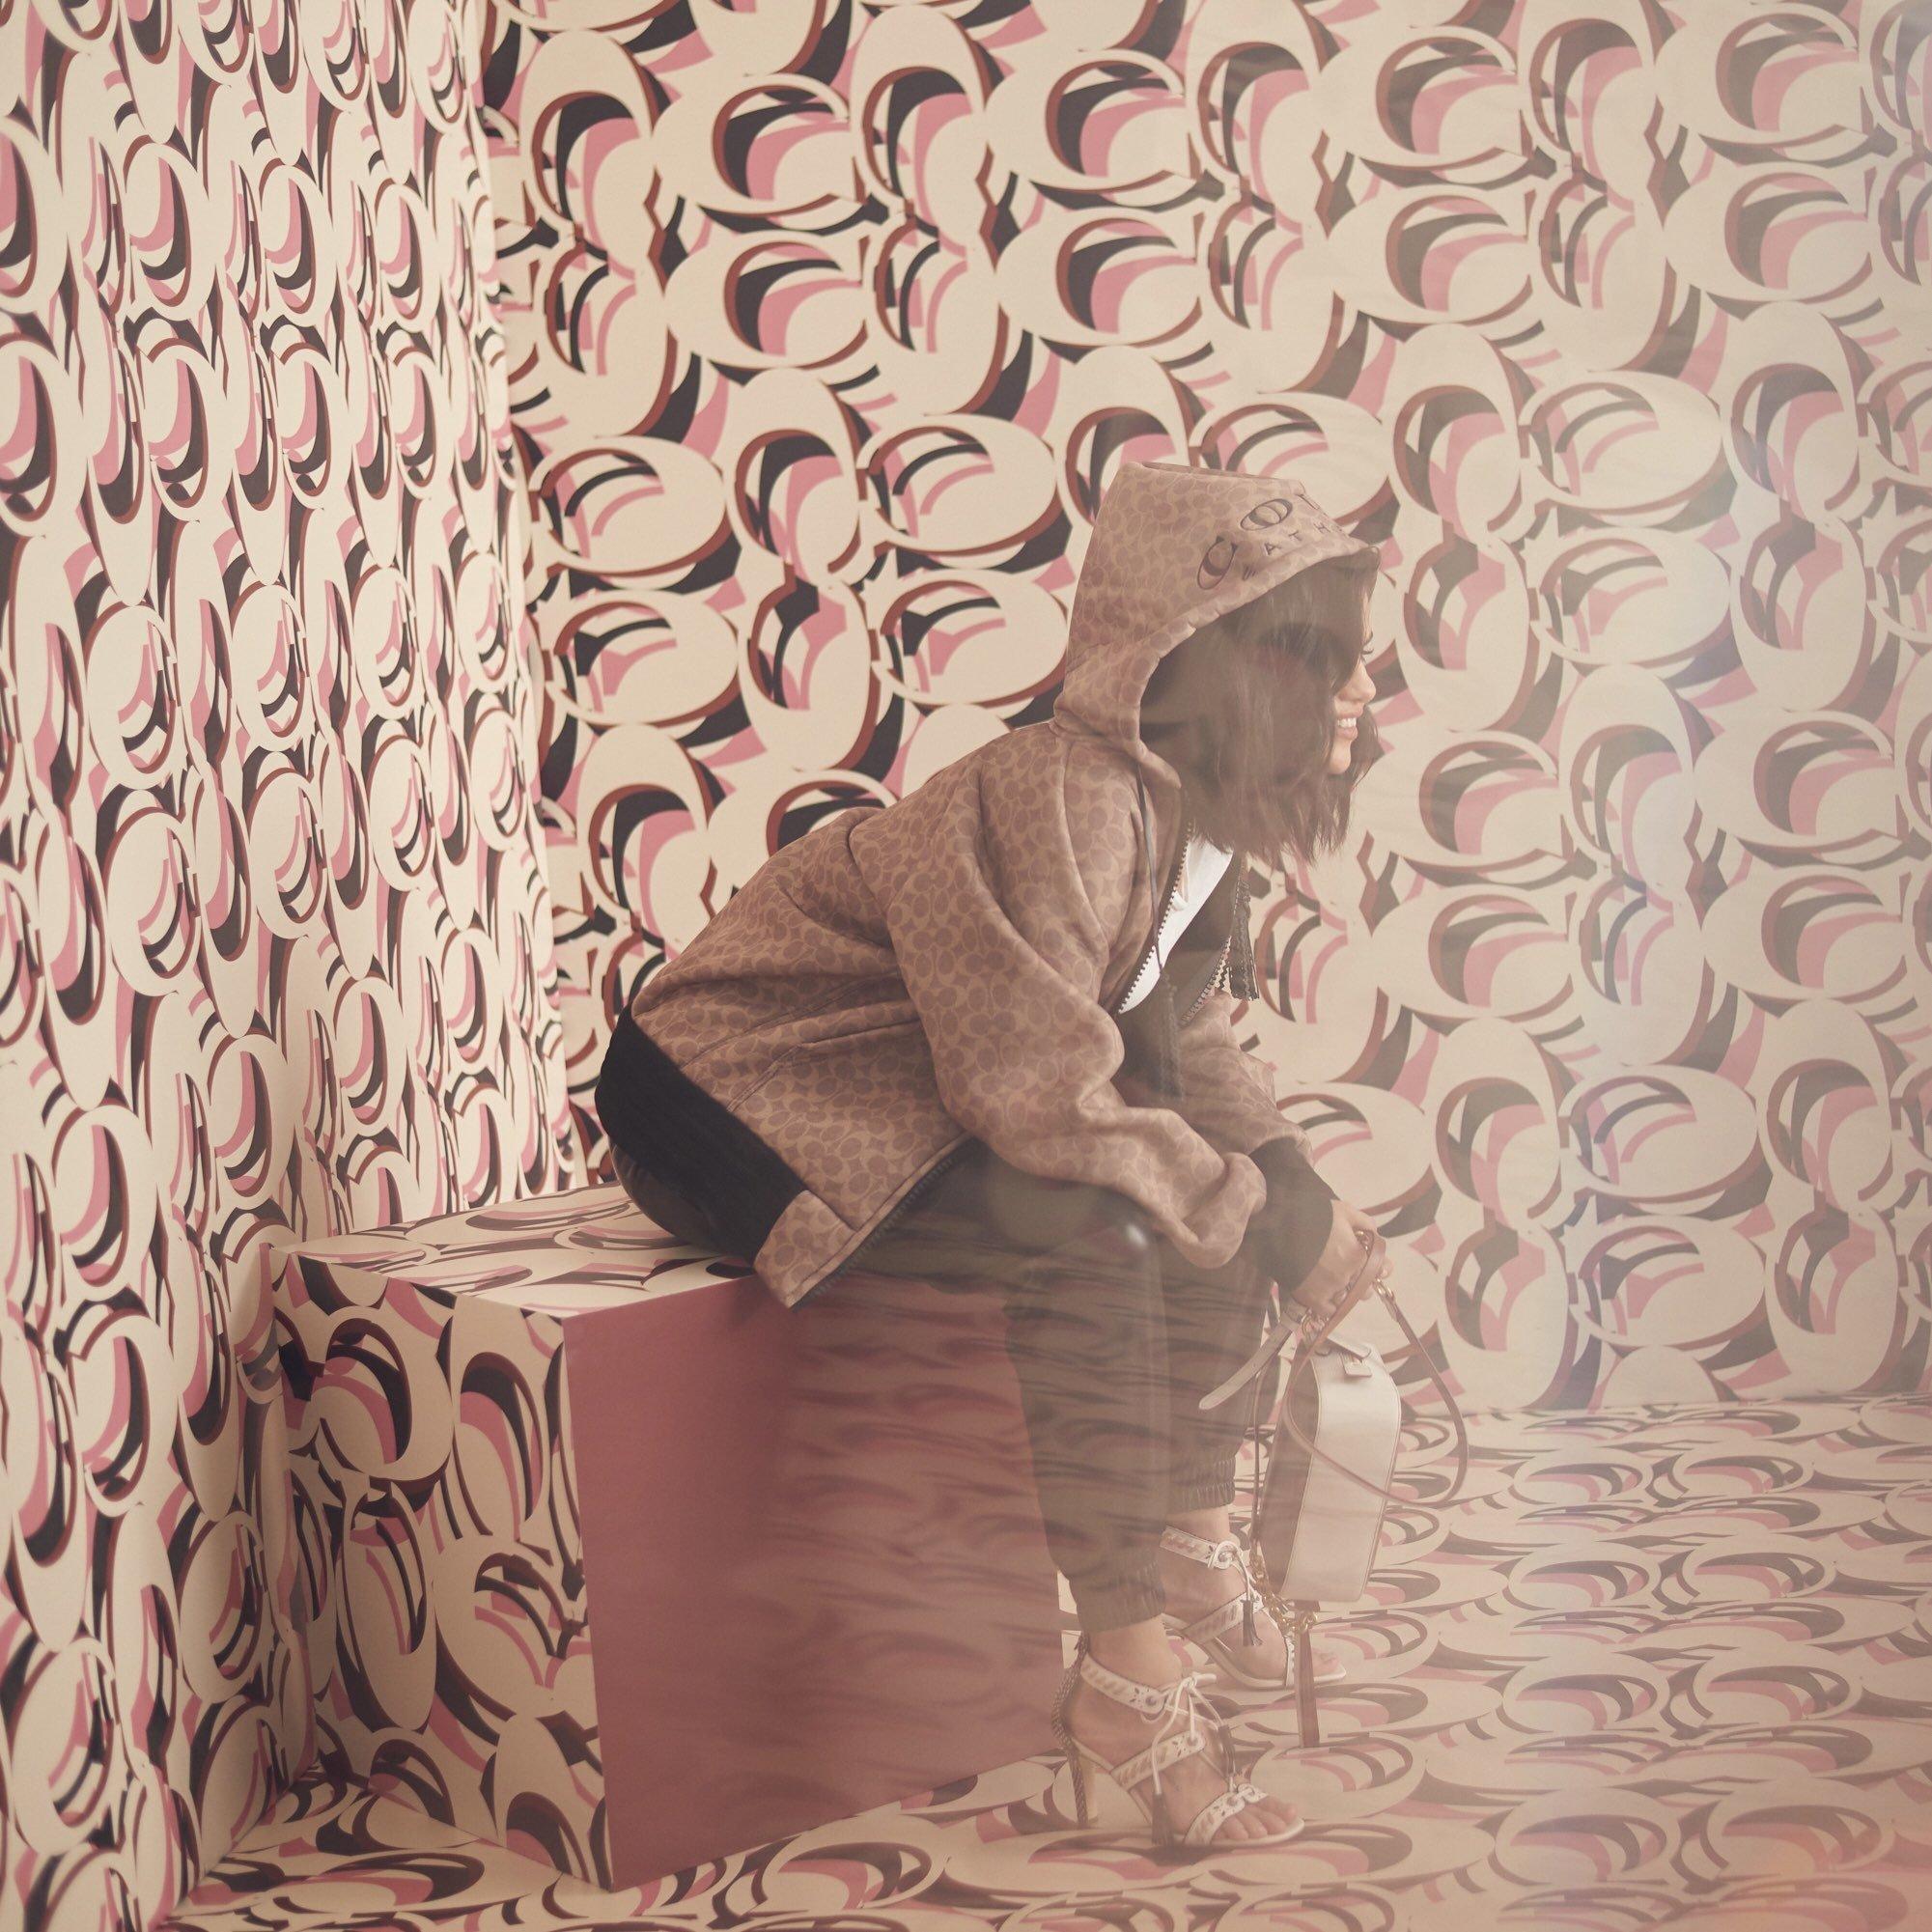 Download free Nokia selena gomez wallpapers